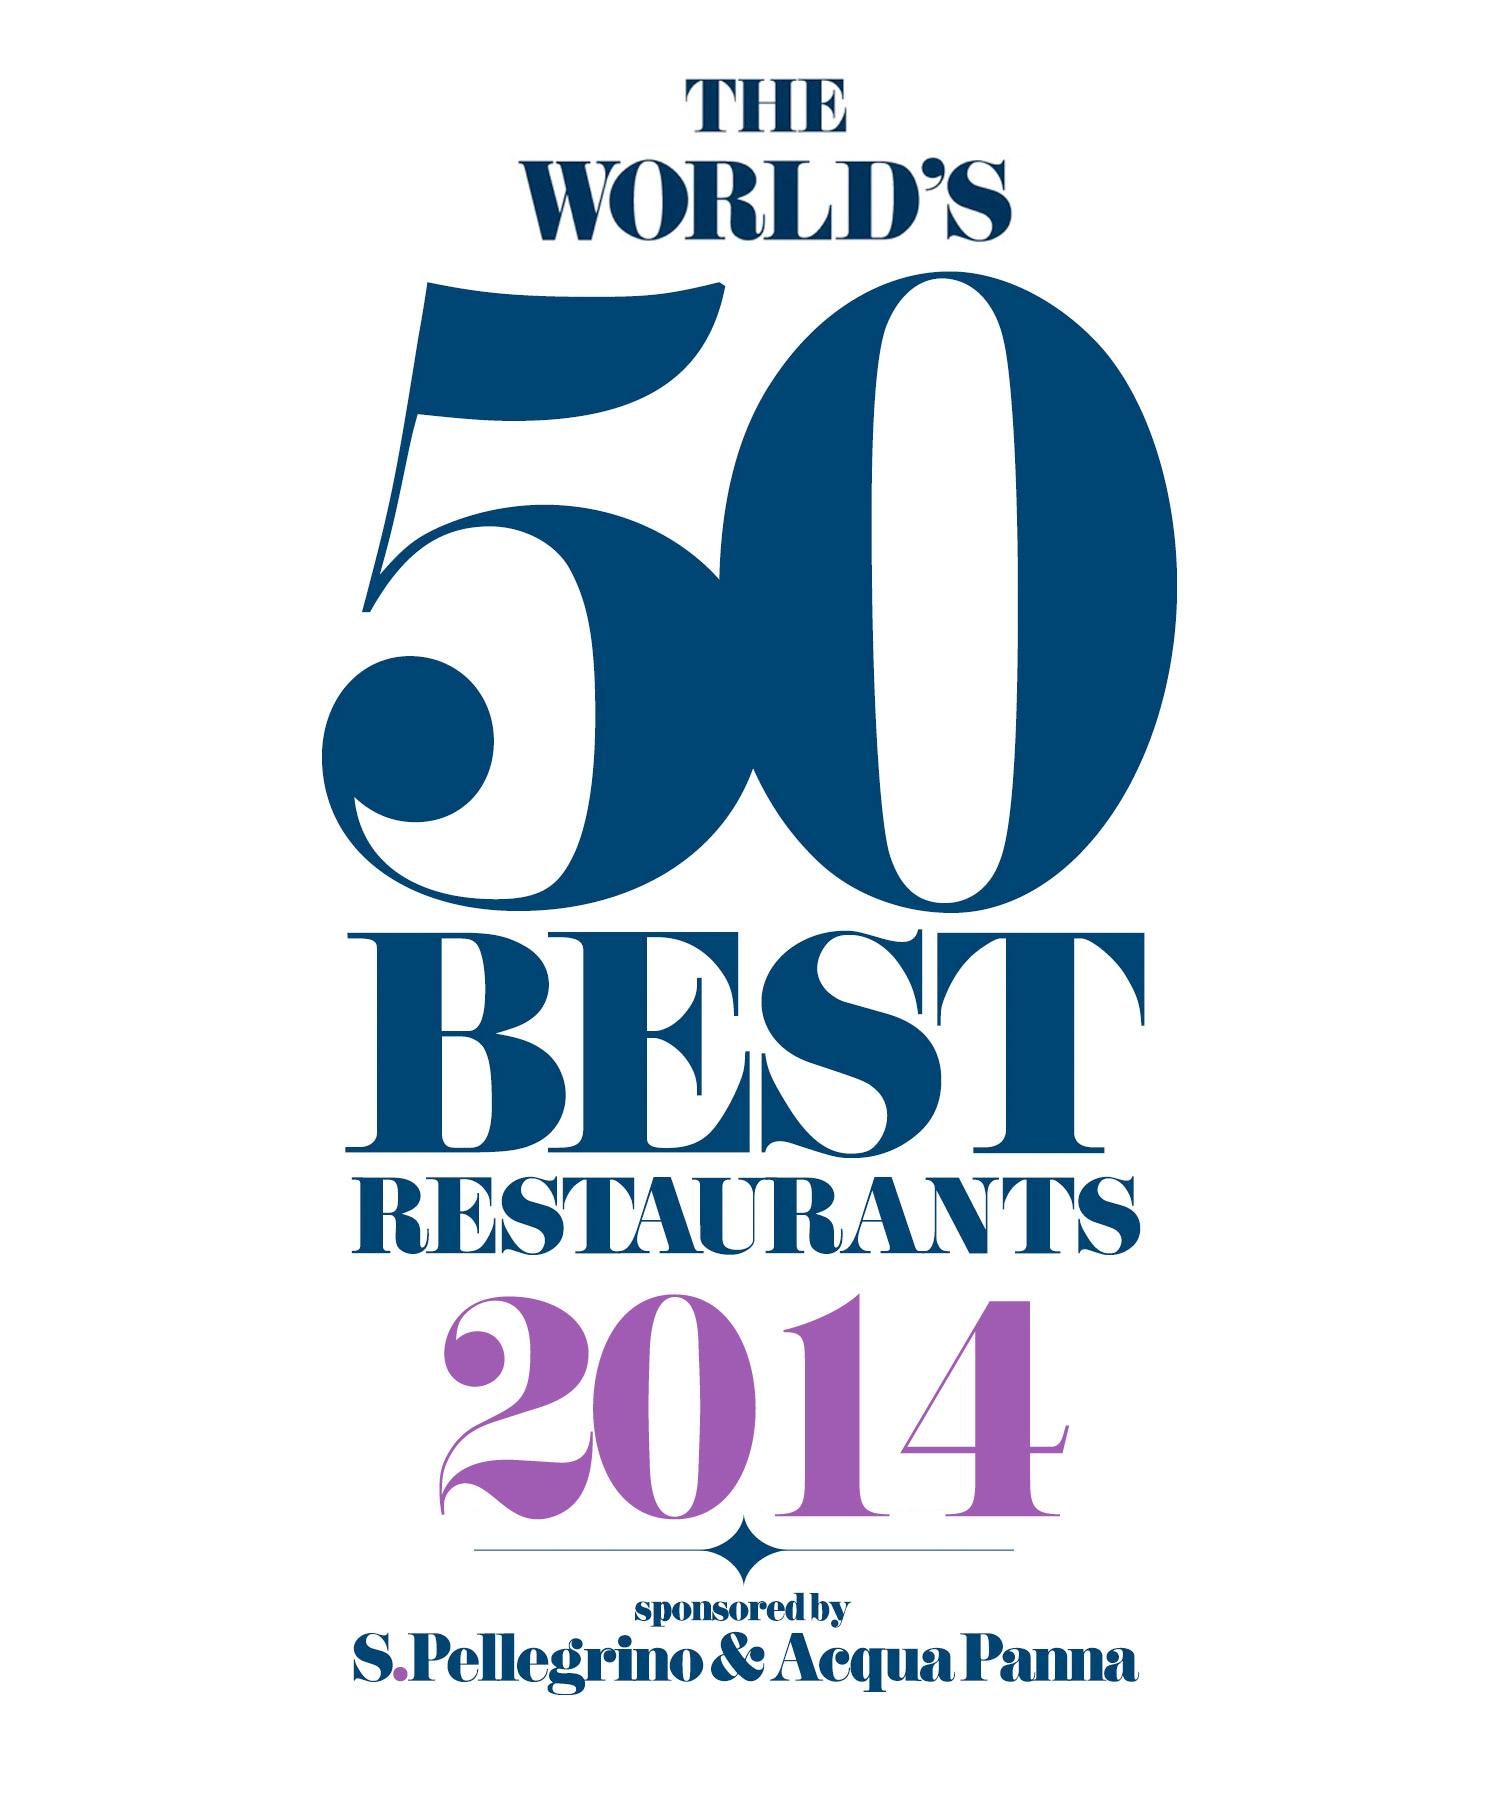 Los 50 mejores restaurantes del mundo. Premios San Pellegrino 2014